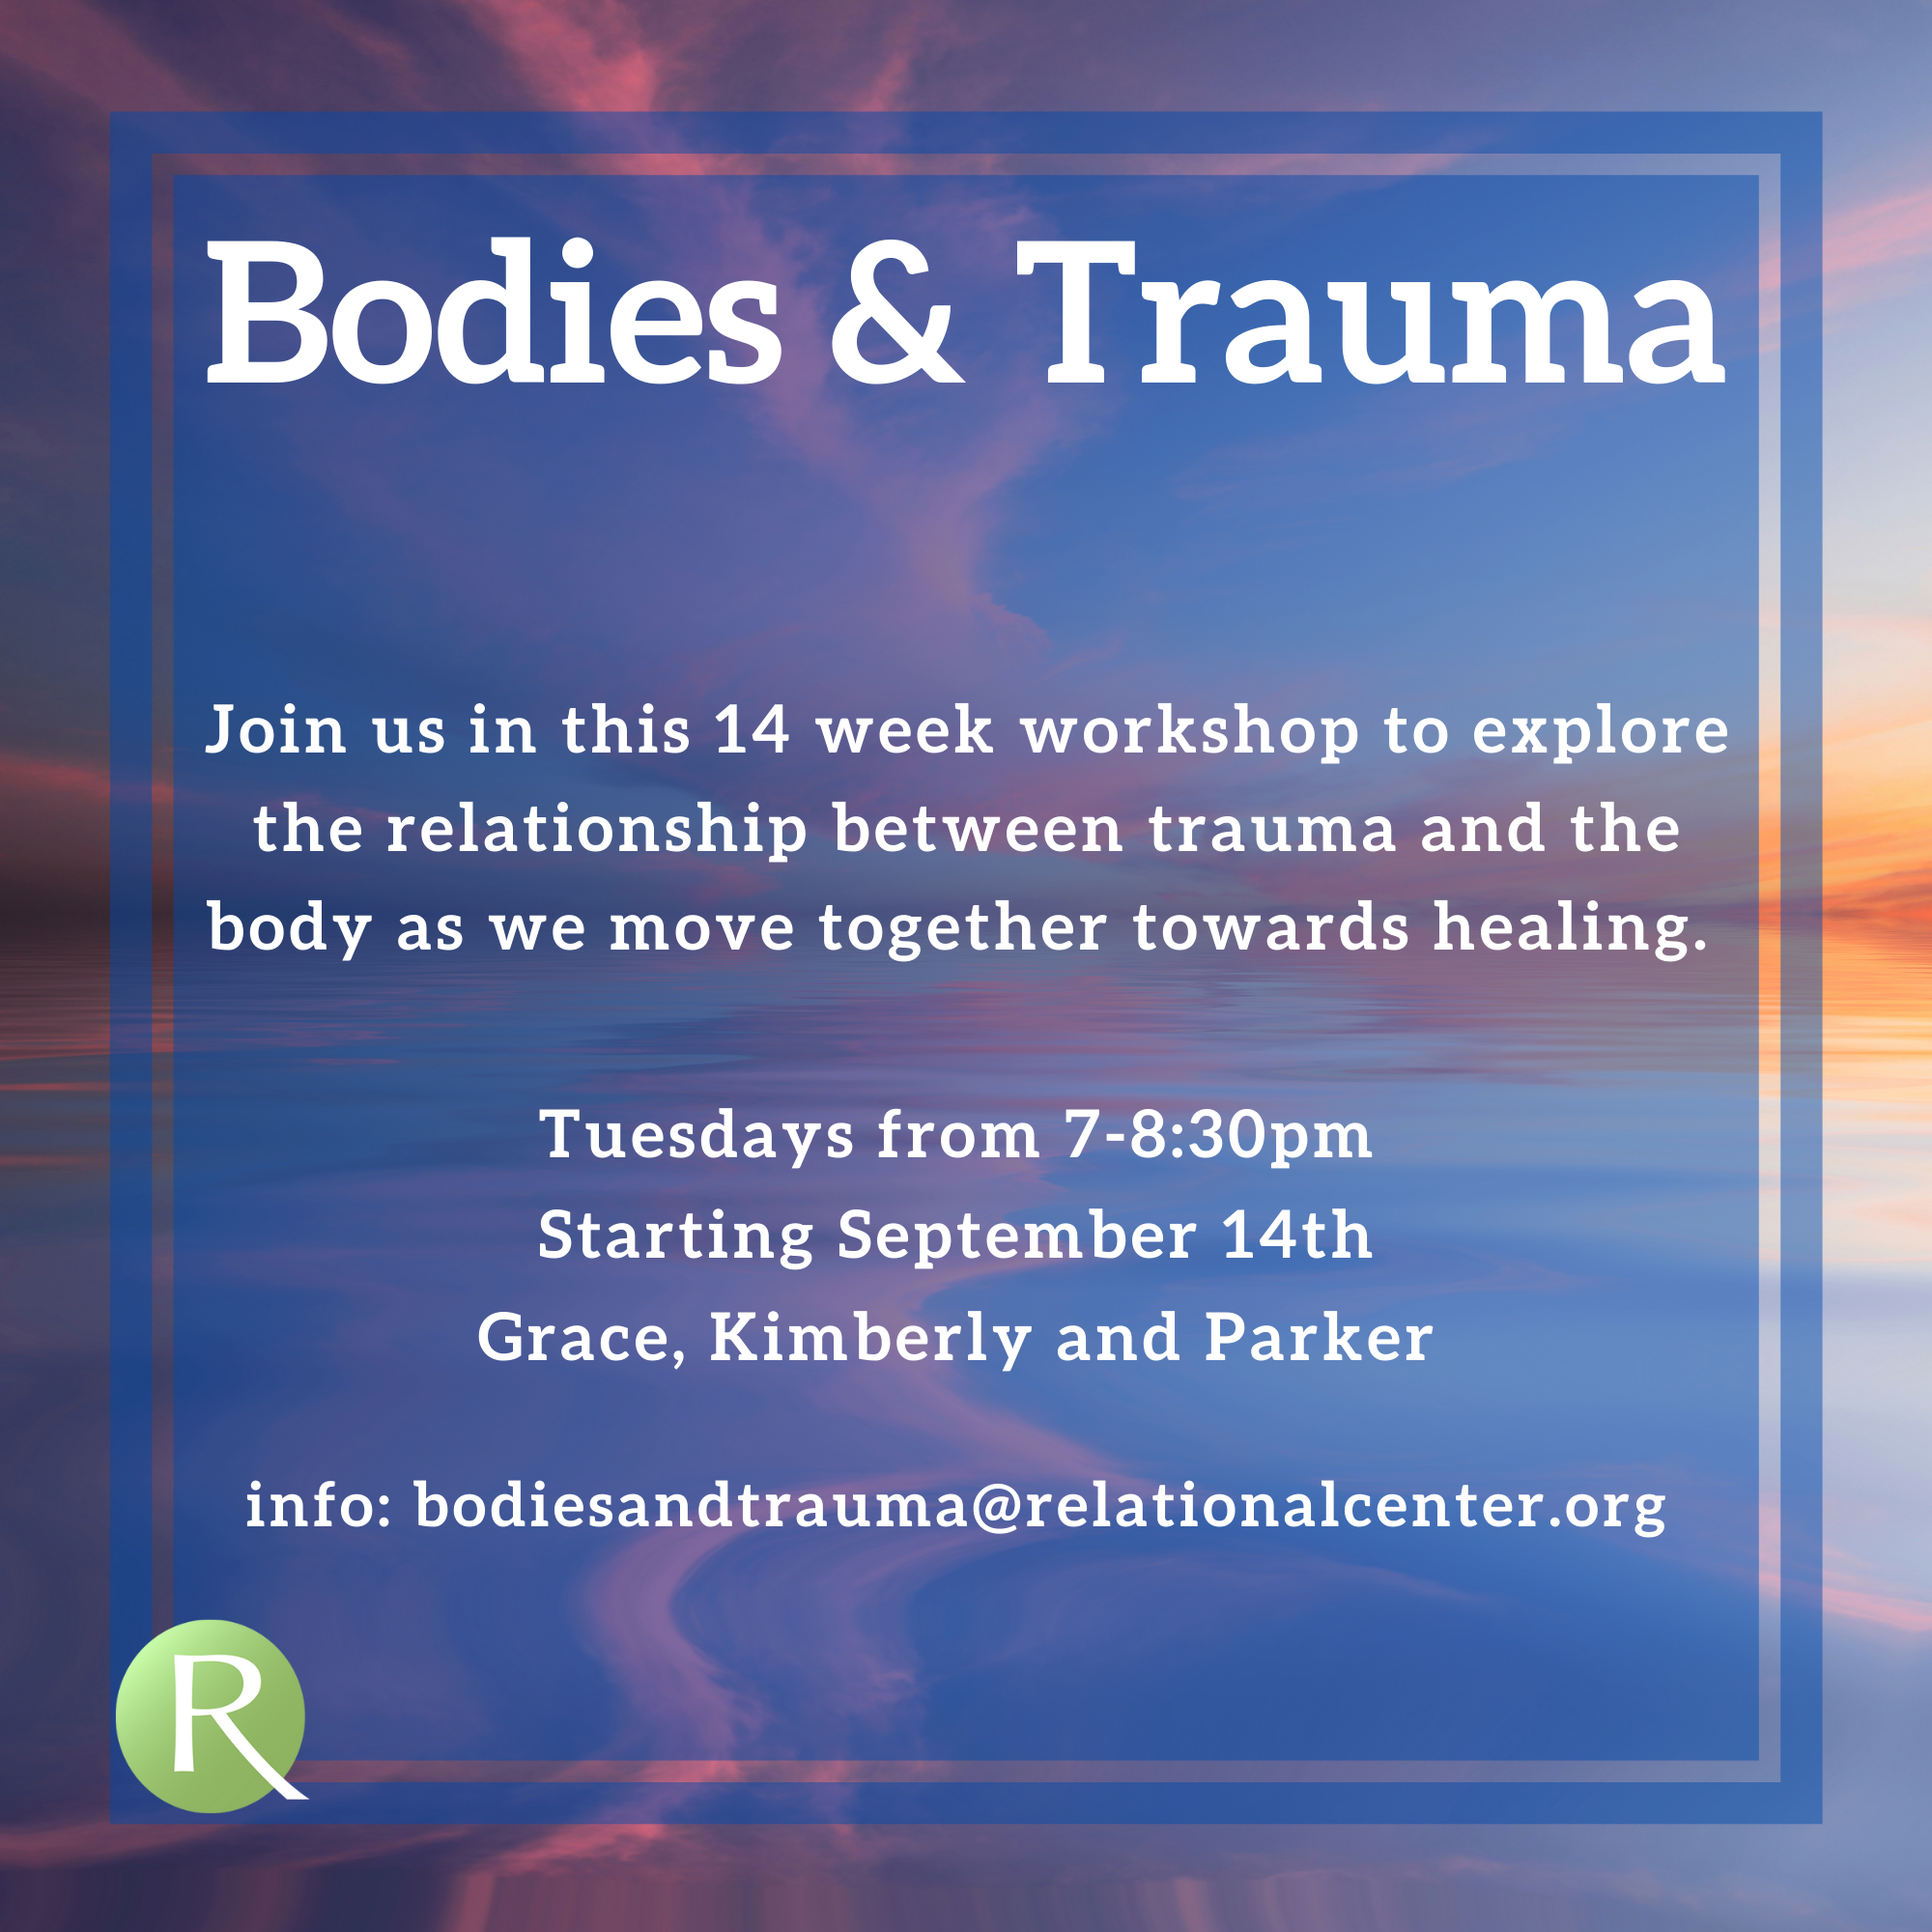 Bodies & Trauma